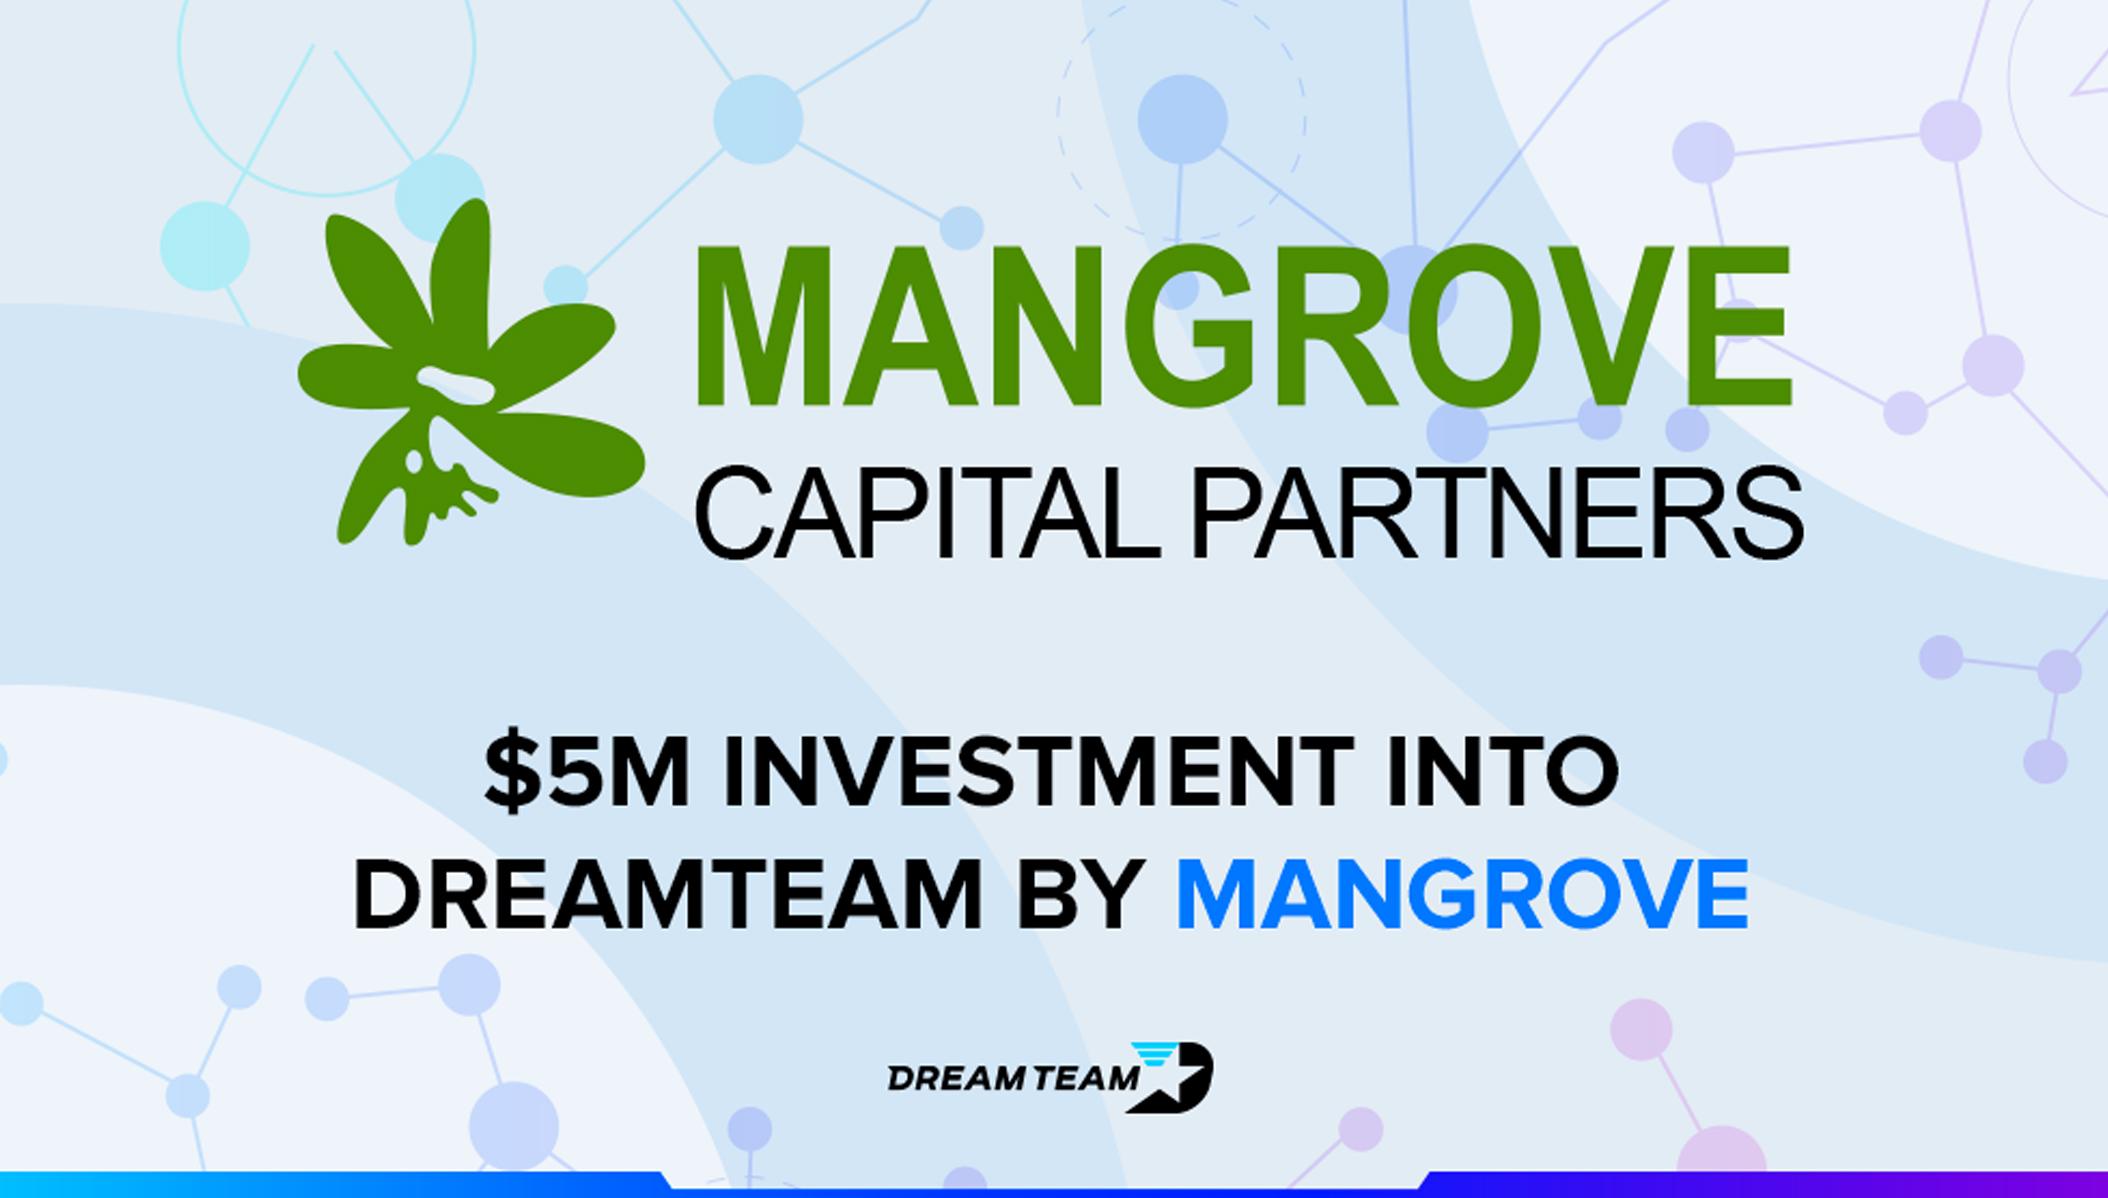 DreamTeam logra otra ronda de inversión, esta vez de $5 millones, por parte de Mangrove Capital Partners